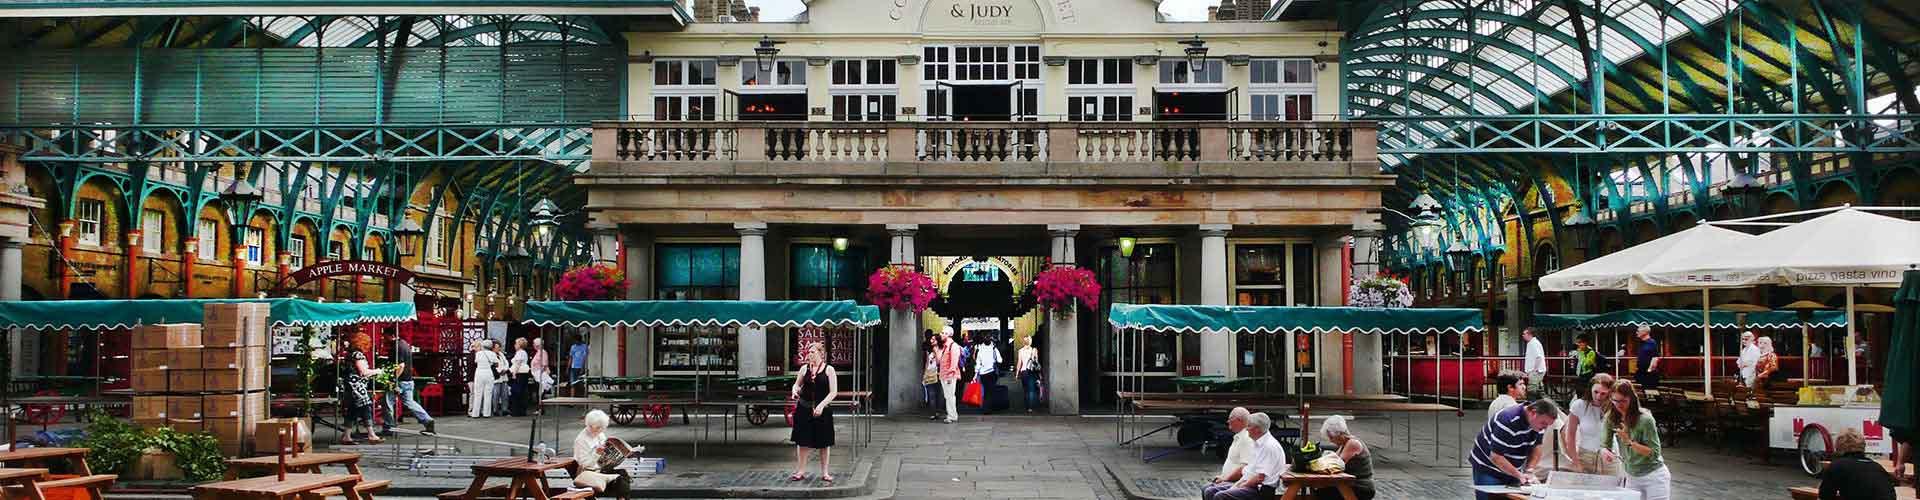 Londýn - Hostelů v blízkosti Covent Garden Piazza. Mapy pro Londýn, fotky a recenze pro každý hostel v Londýn.